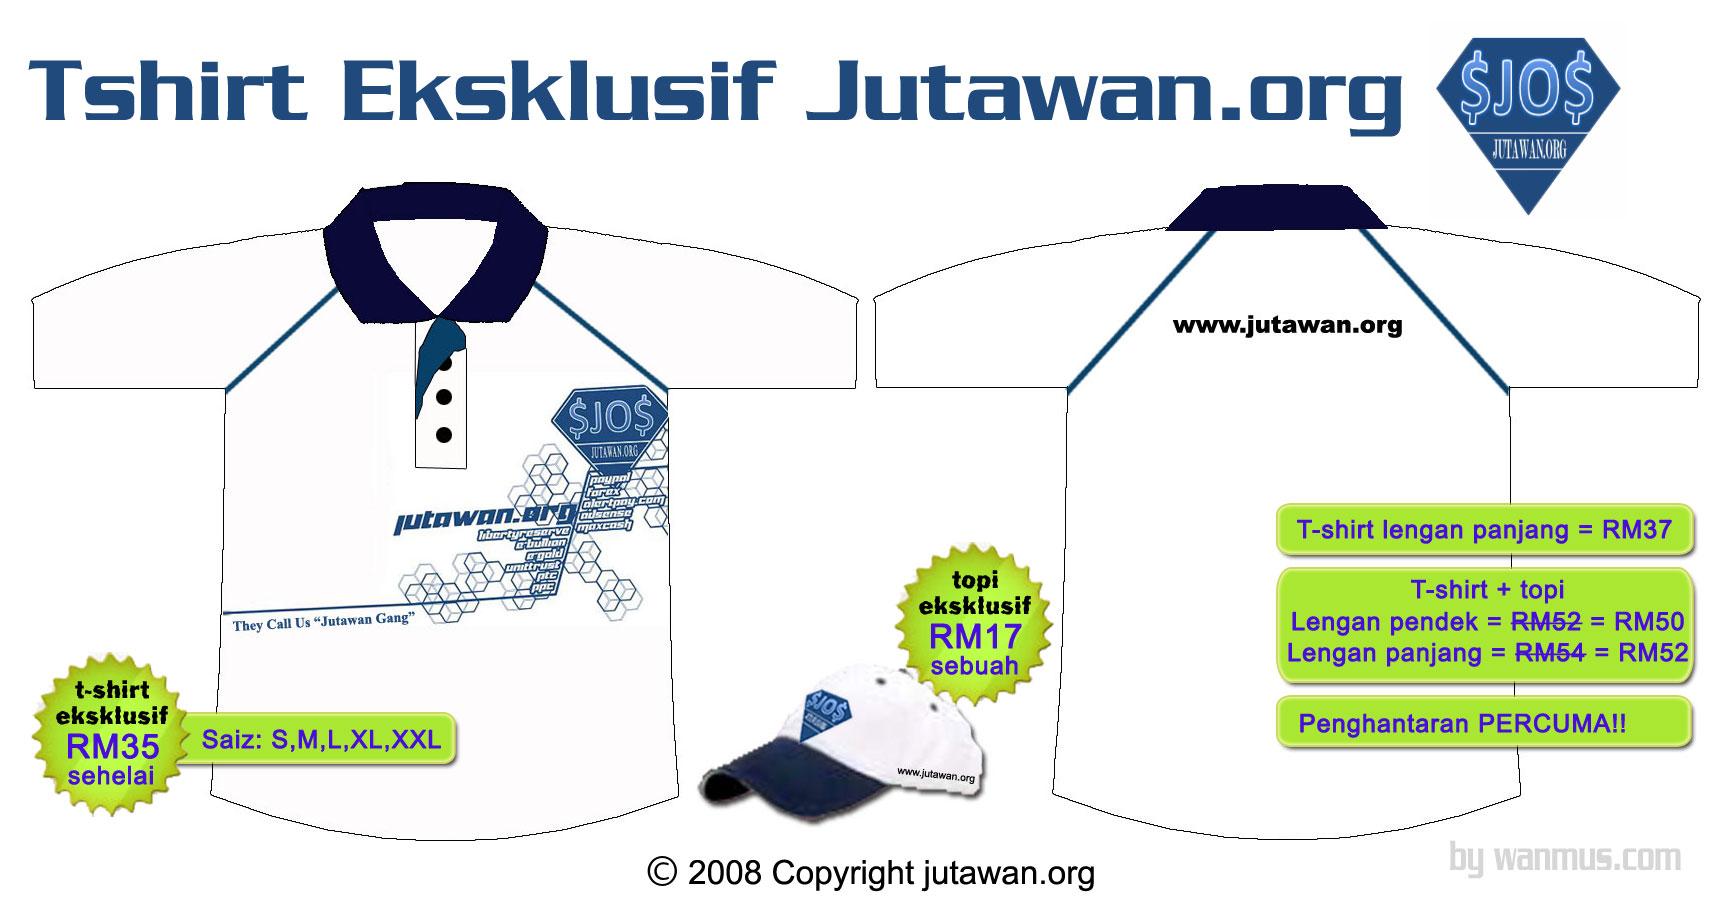 Tshirt eksklusif jutawan dot org